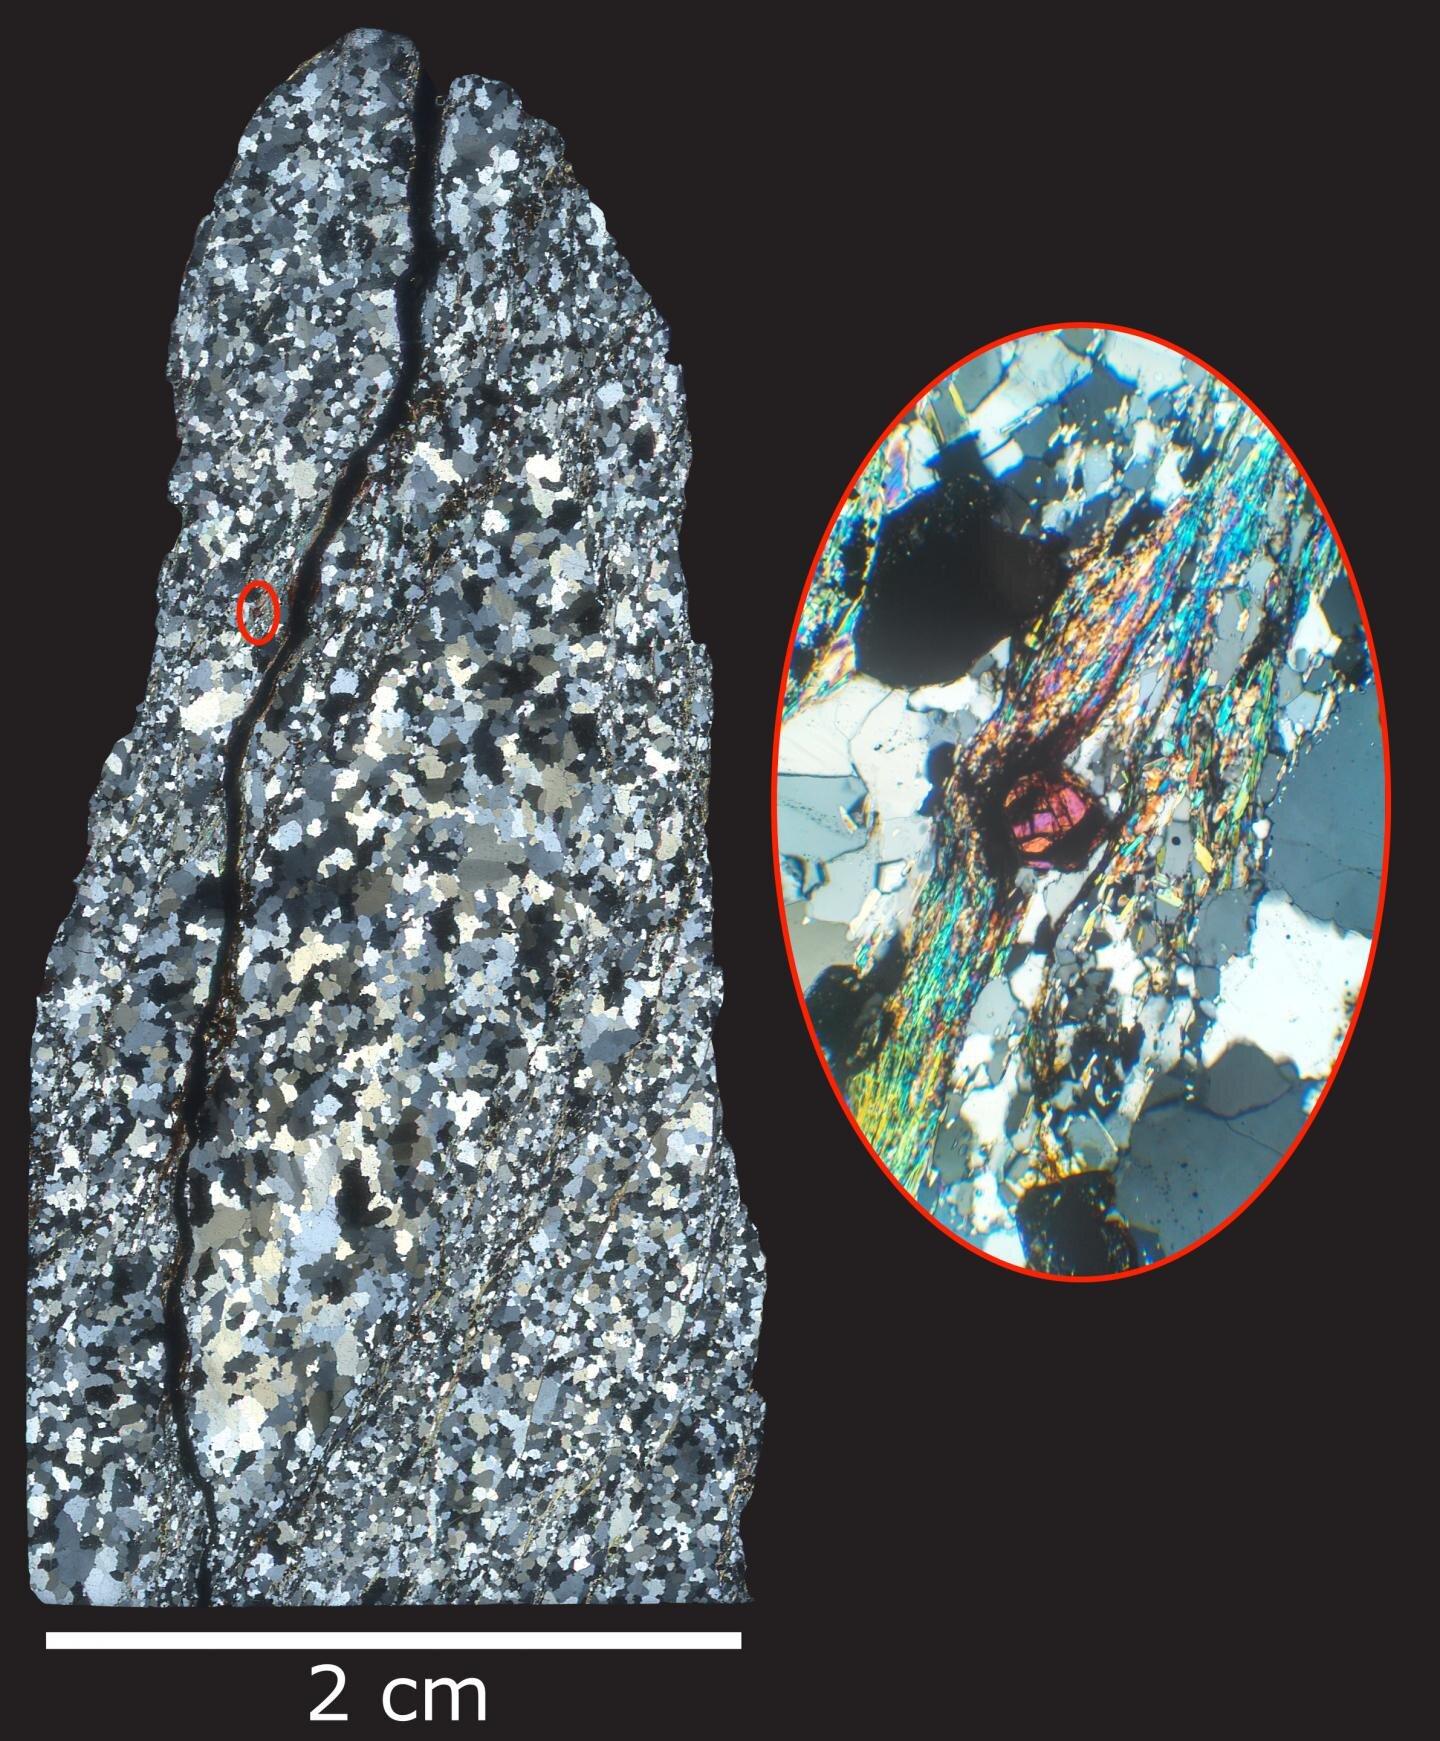 Тектоніка плит Землі почалася 3,6 мільярда років тому